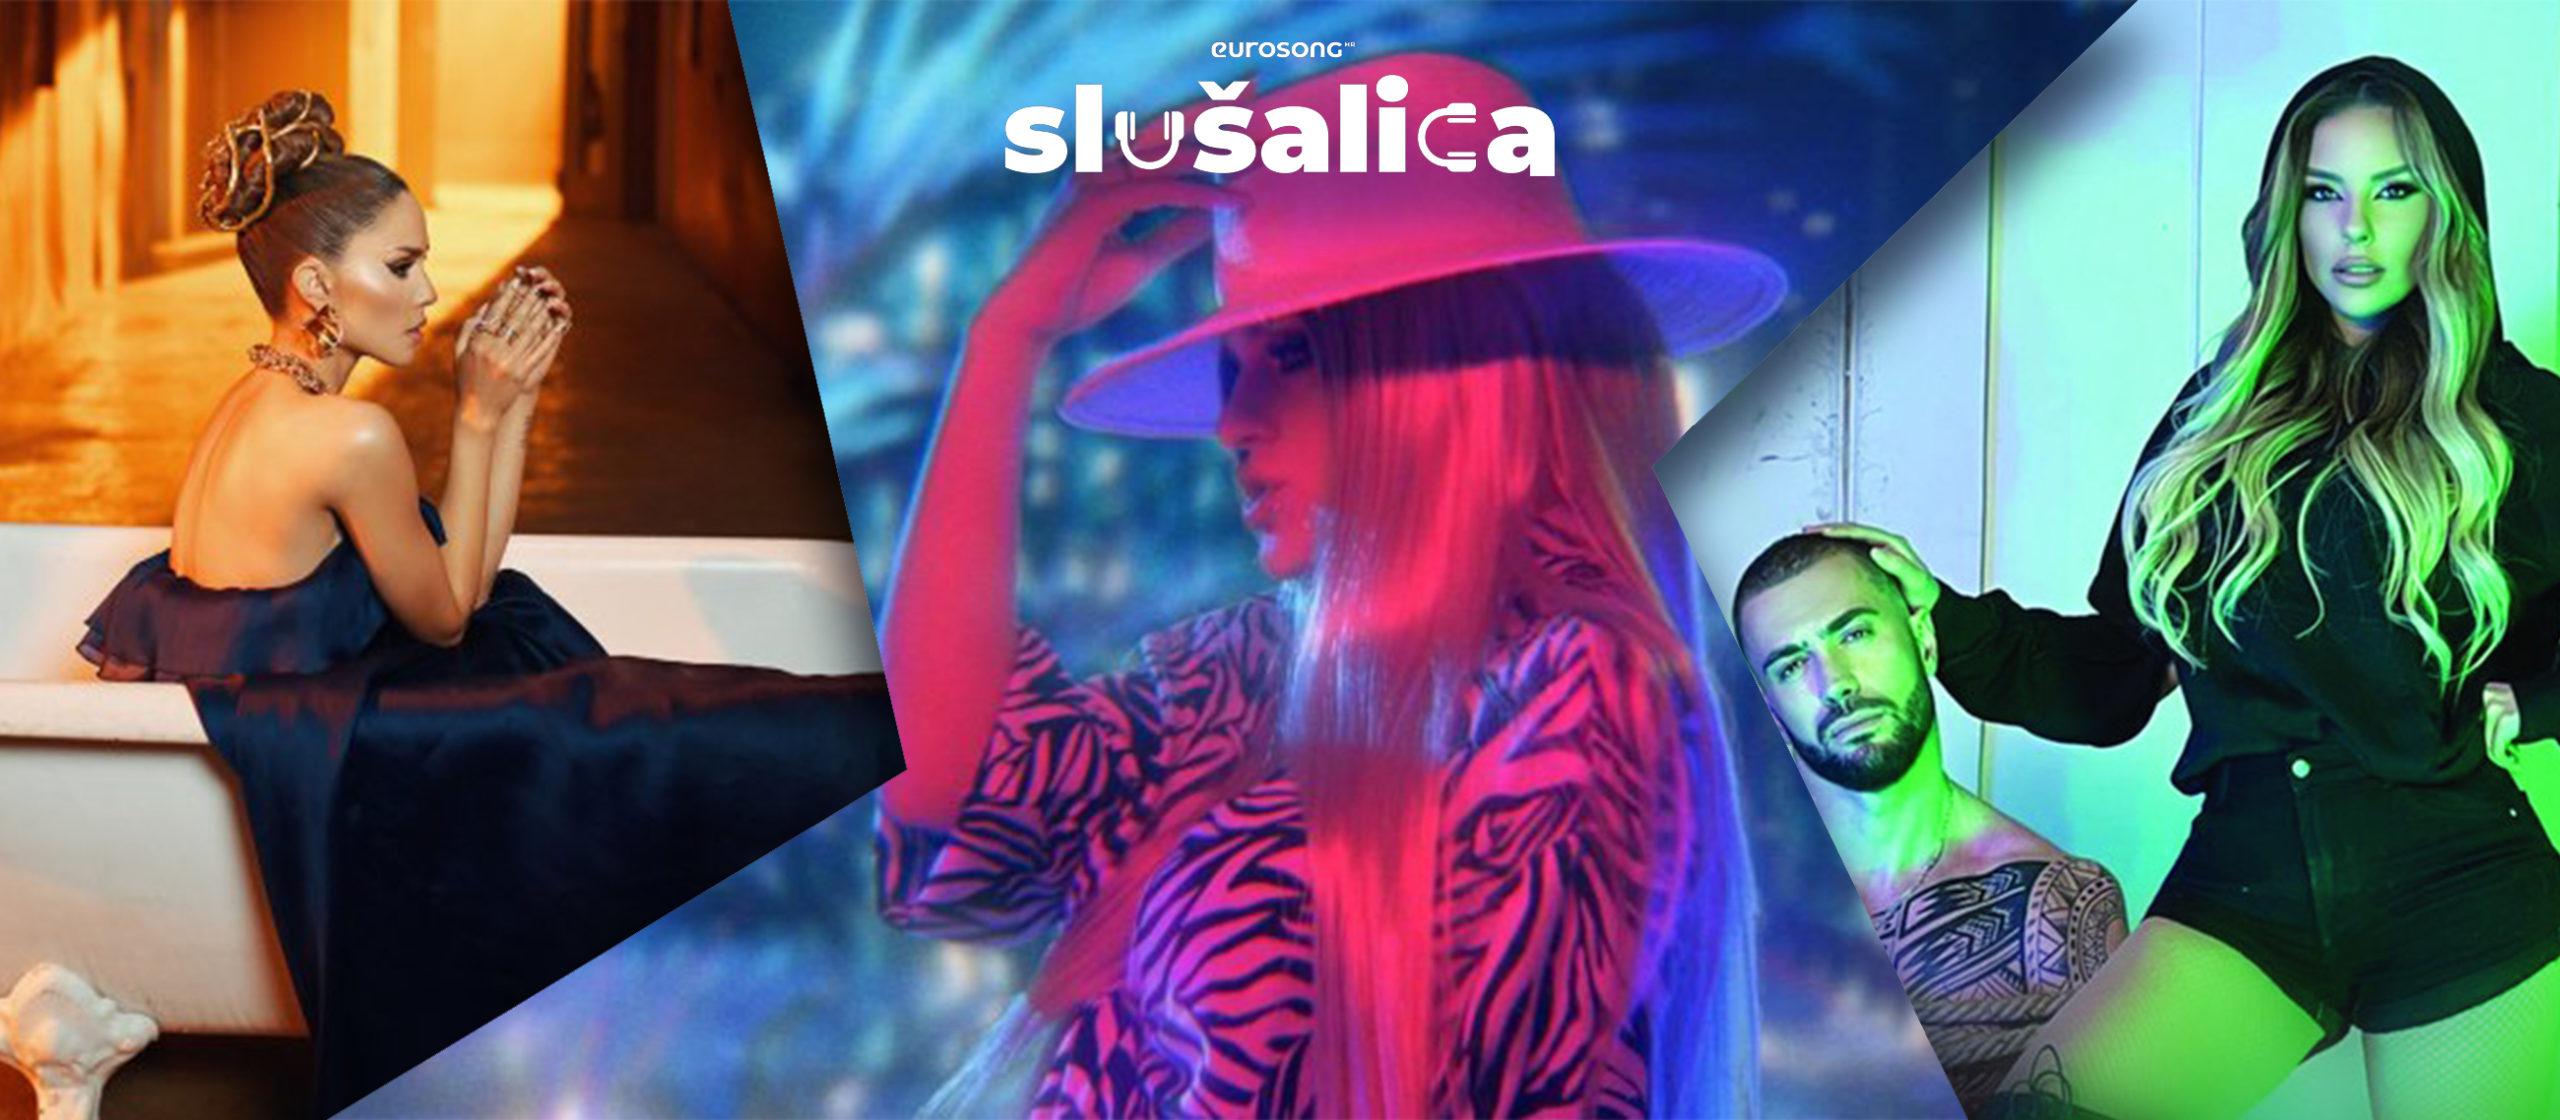 Eurosong Slušalica vizual za strani i domaći hit lipnja/juna 2021,